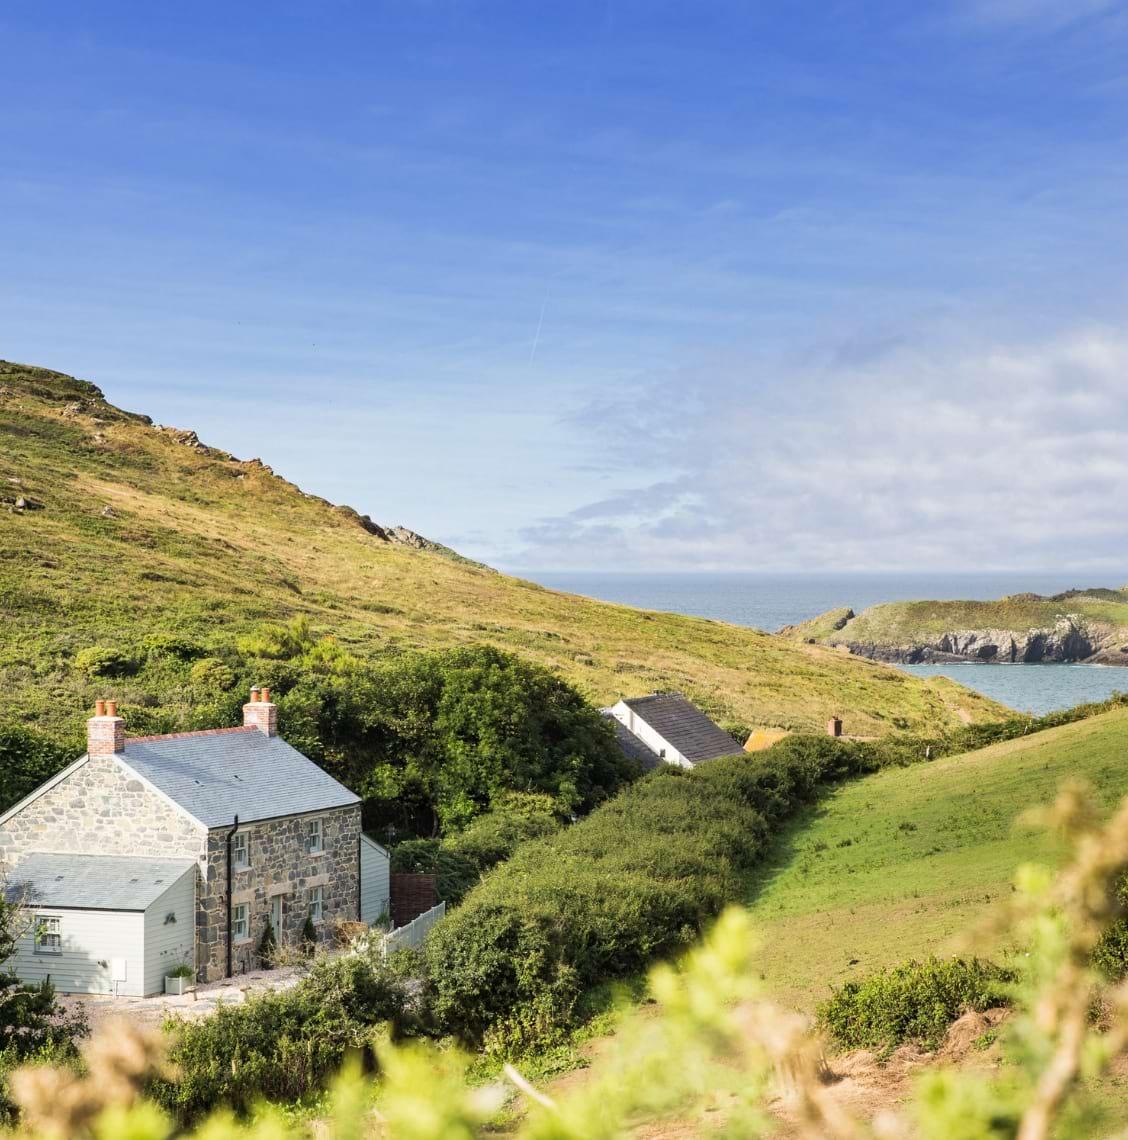 Landscape photograph of the North Cornish Coast